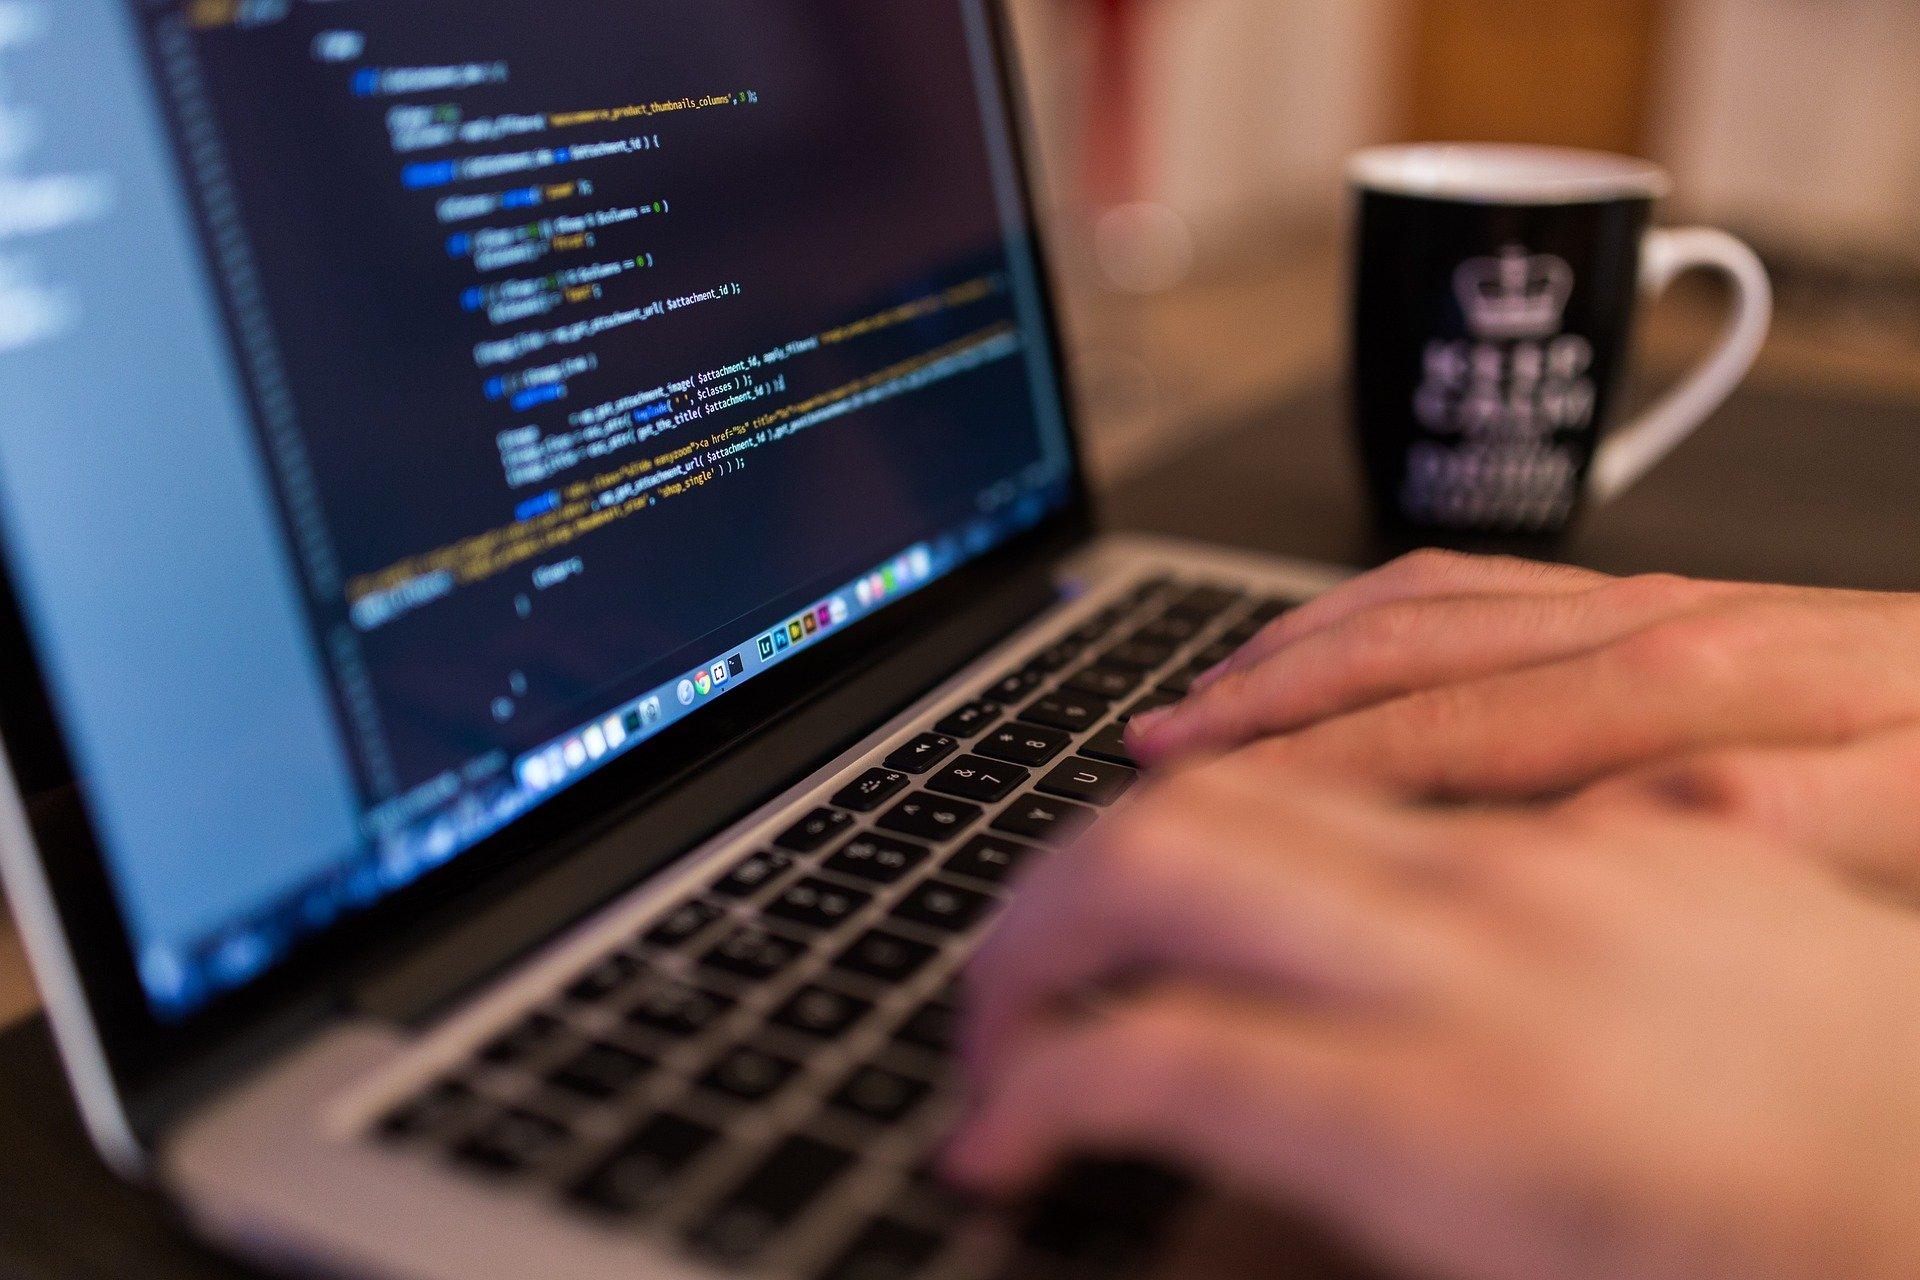 Kradzież tożsamości w Internecie czeka na każdym kroku.